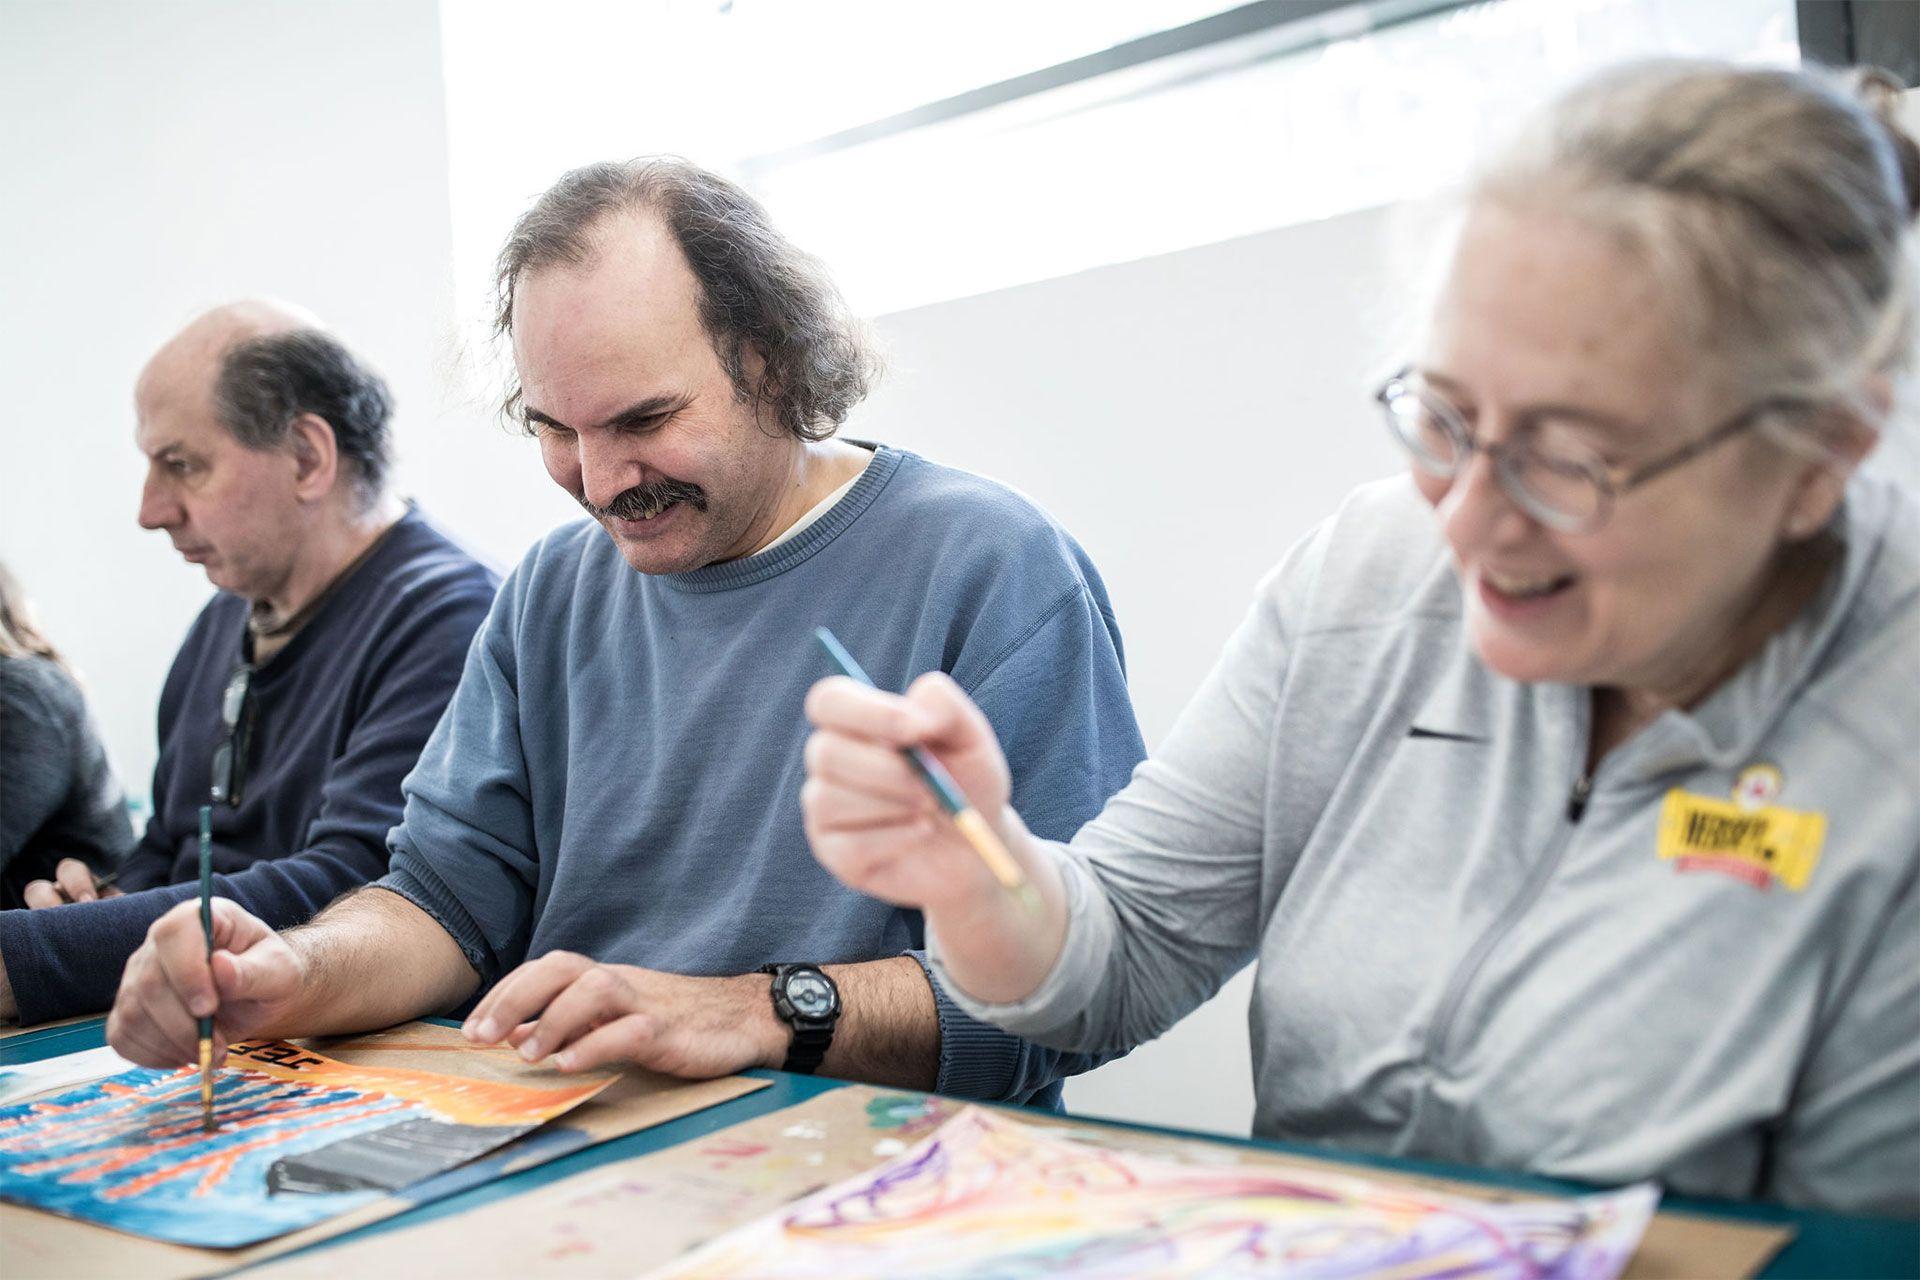 Un groupe d'adultes font de la peinture. Photo © Mikaël Theimer (MKL)